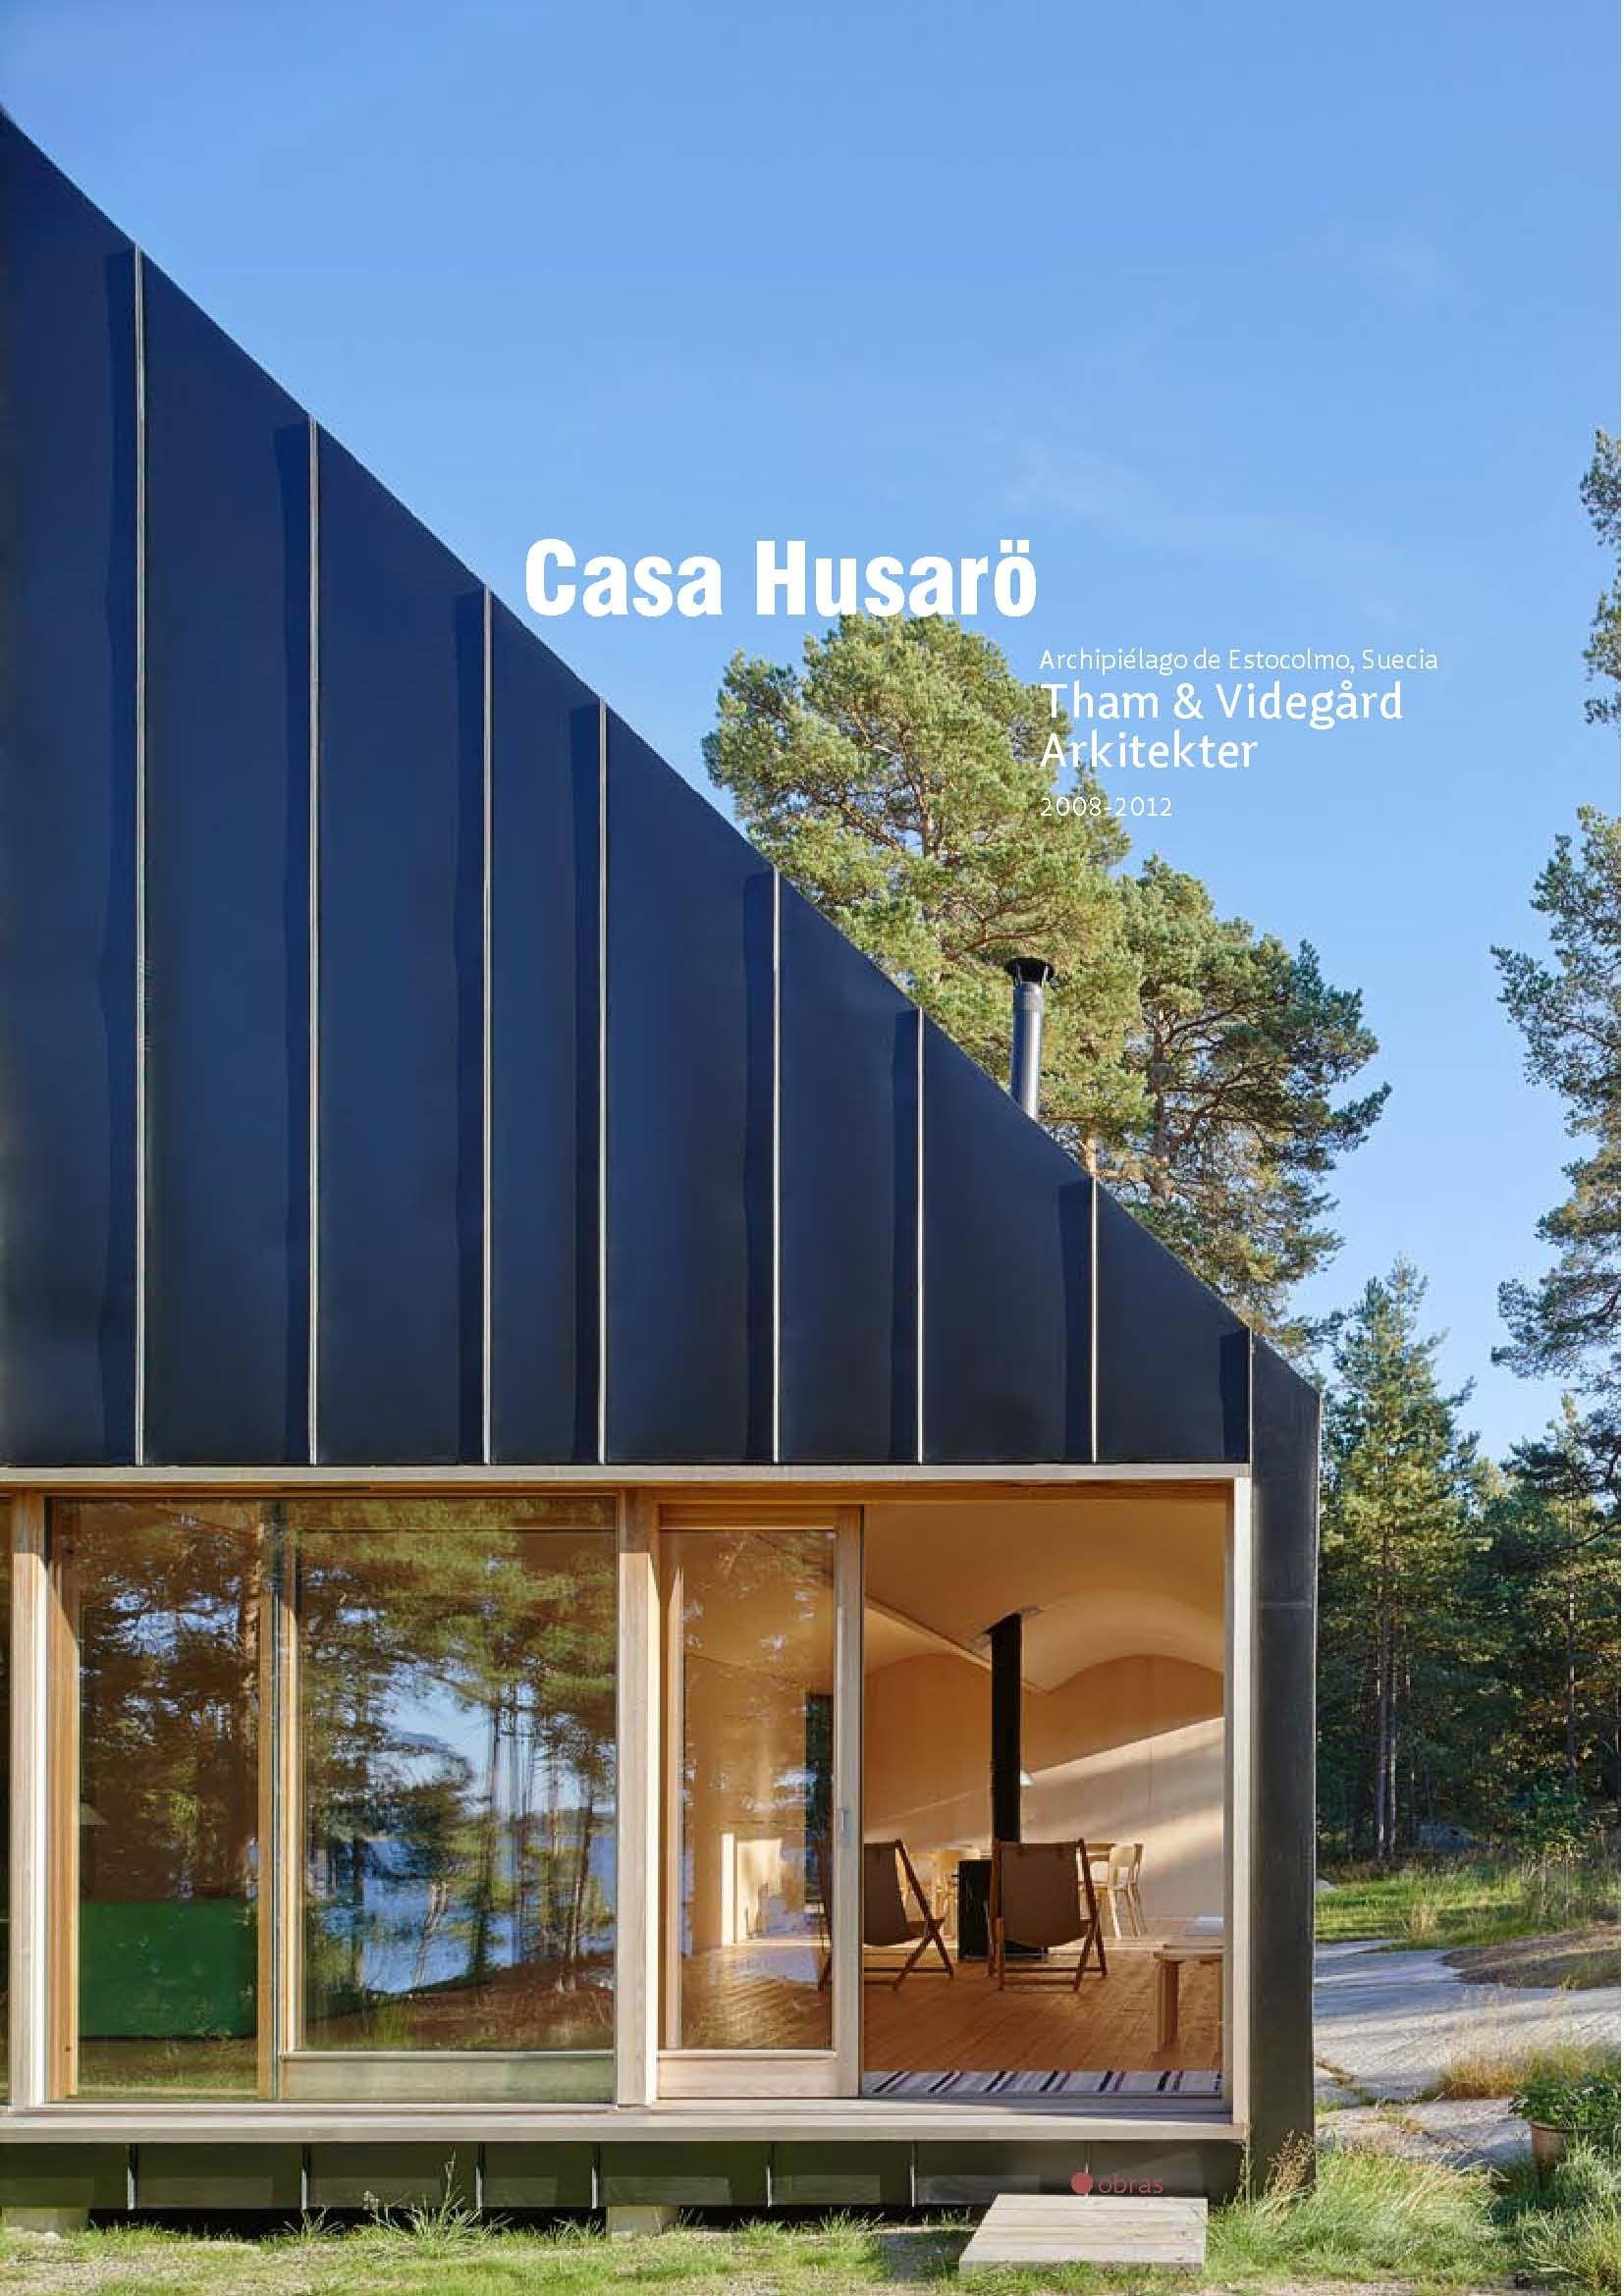 Scandia Modular Home Sauna Diy Sauna Sauna Kits: Casa Husarö. Tham & Videgård Arkitekter